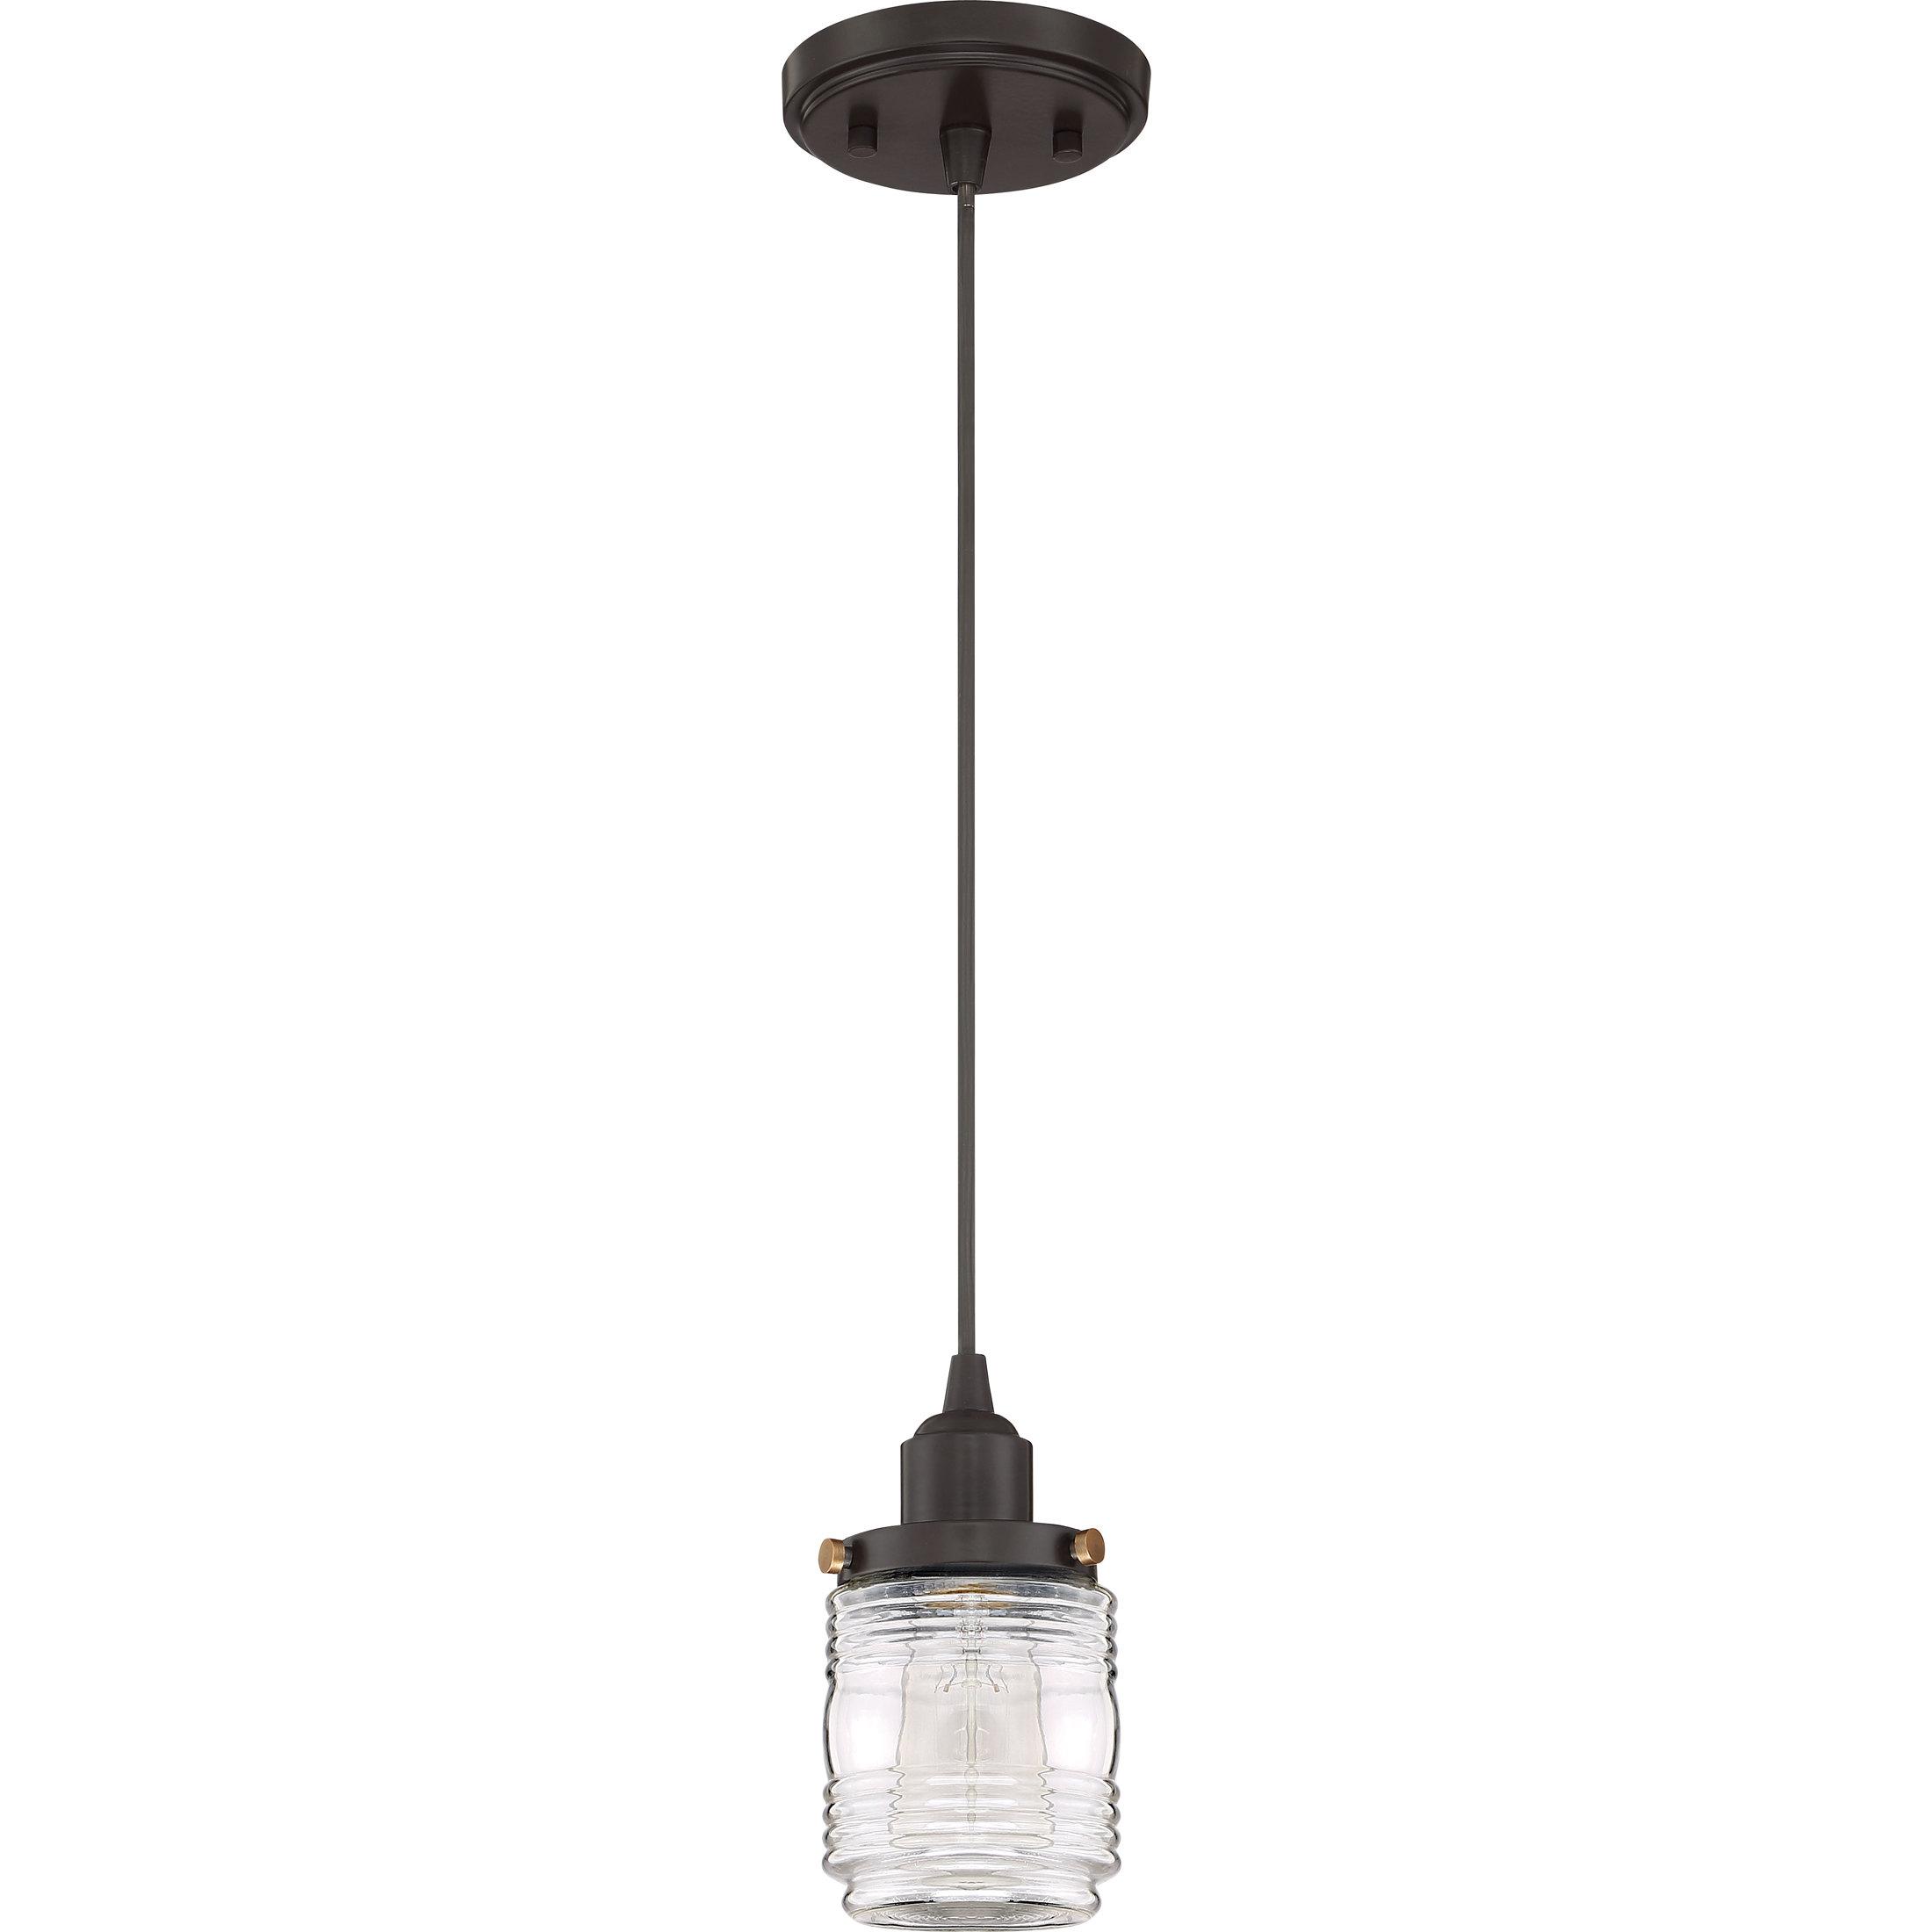 Burgess 1 Light Single Jar Pendant In Famous Sue 1 Light Single Jar Pendants (Gallery 3 of 20)